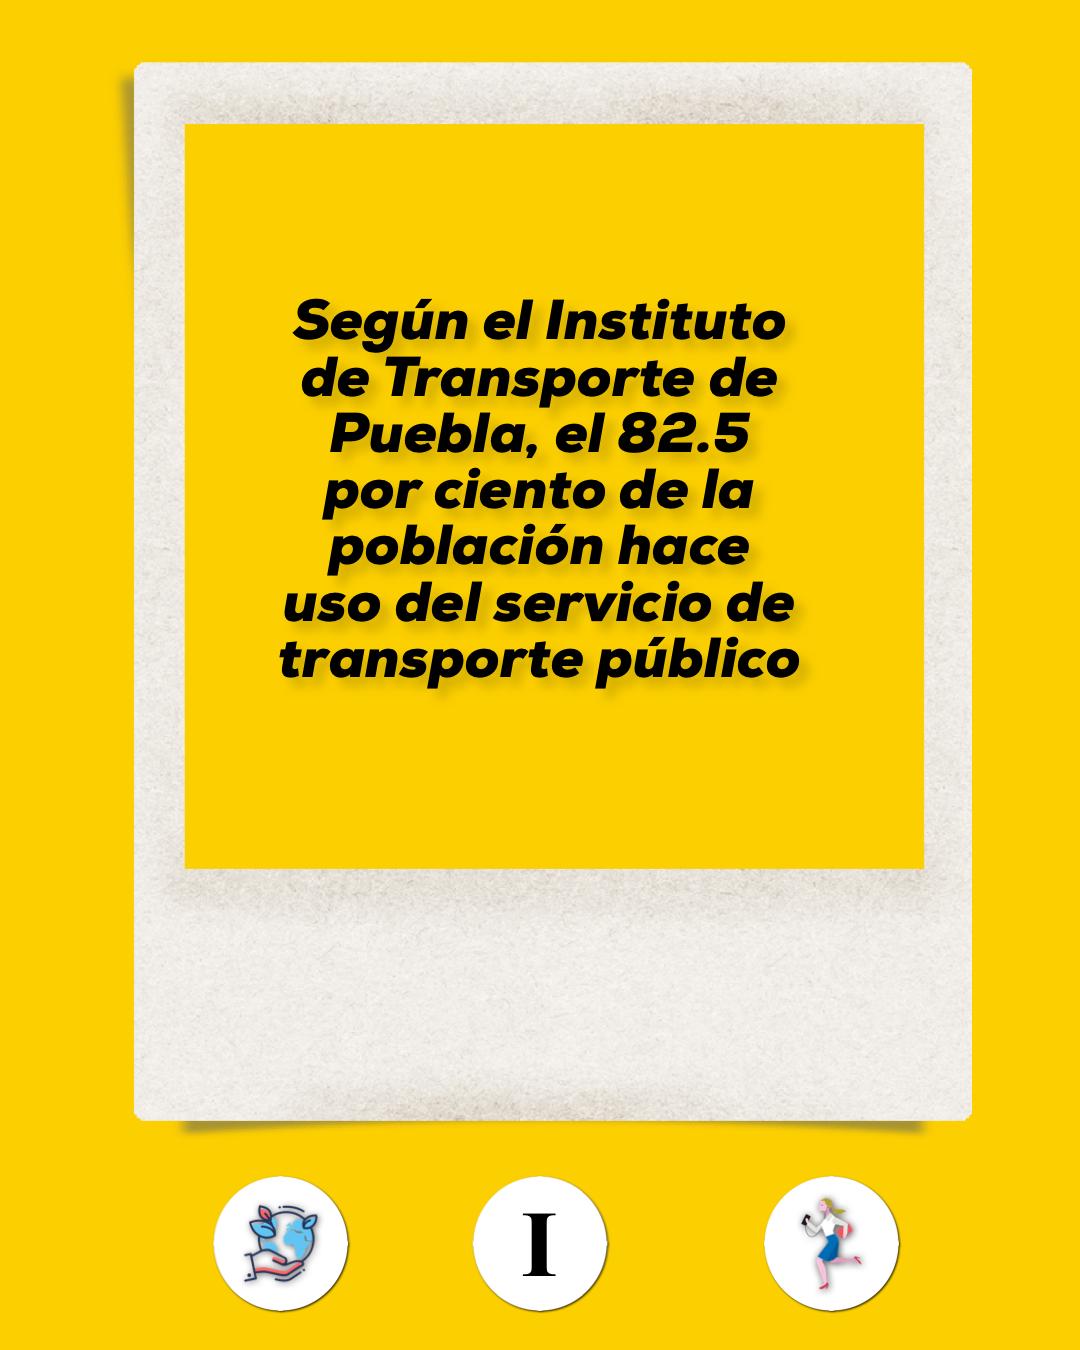 Apuestan por una movilidad urbana sustentable e incluyente en Puebla